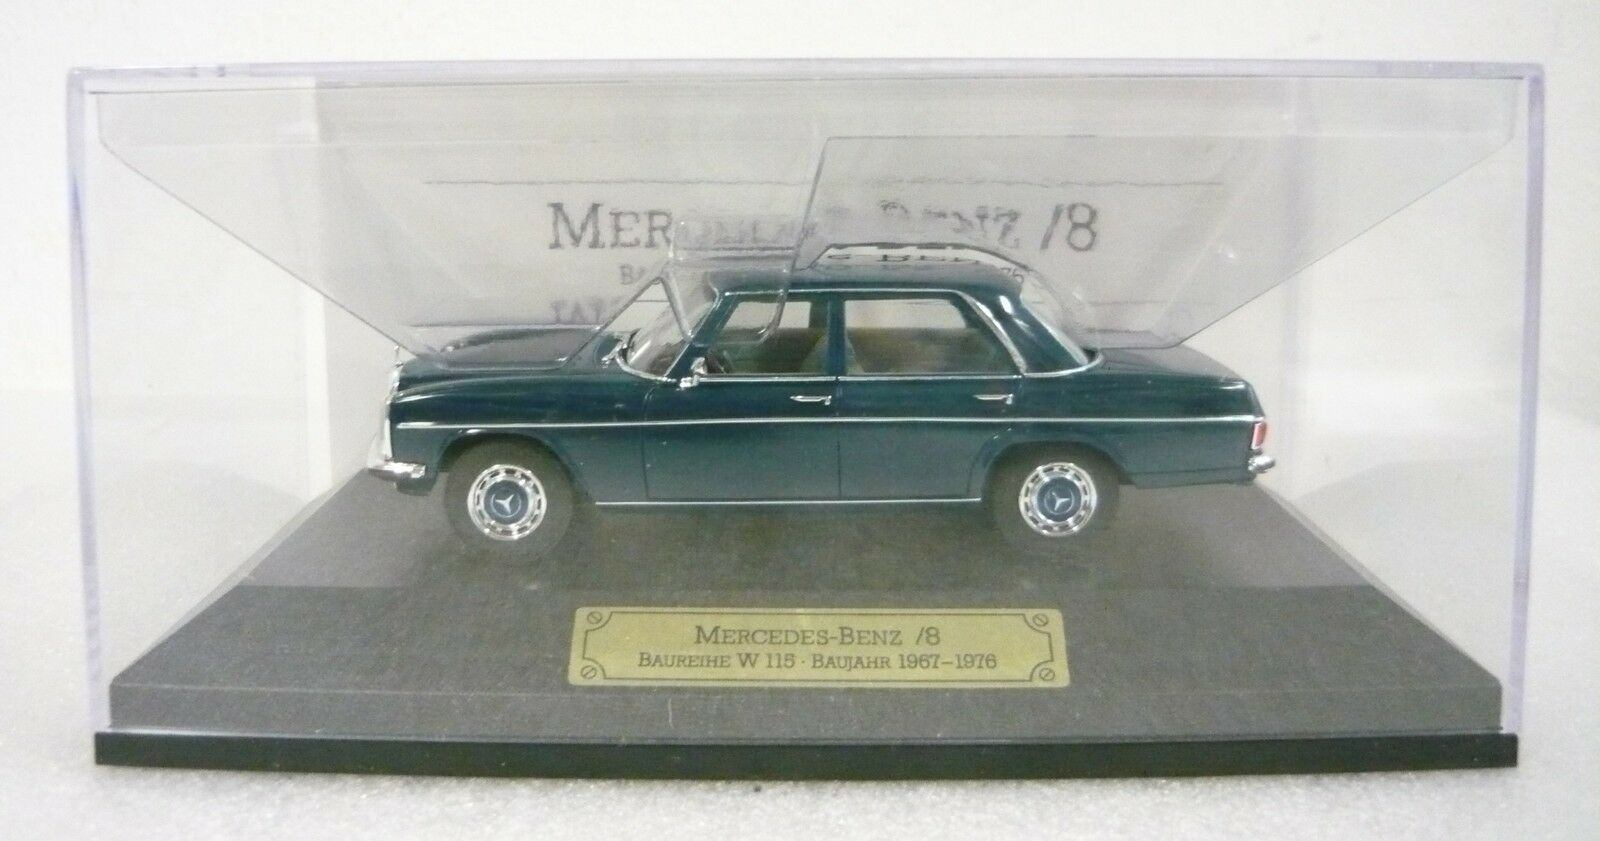 Faller 4375, Mercedes-Benz 200 8, W 185, 1967-76, 1 43, neu&ovp